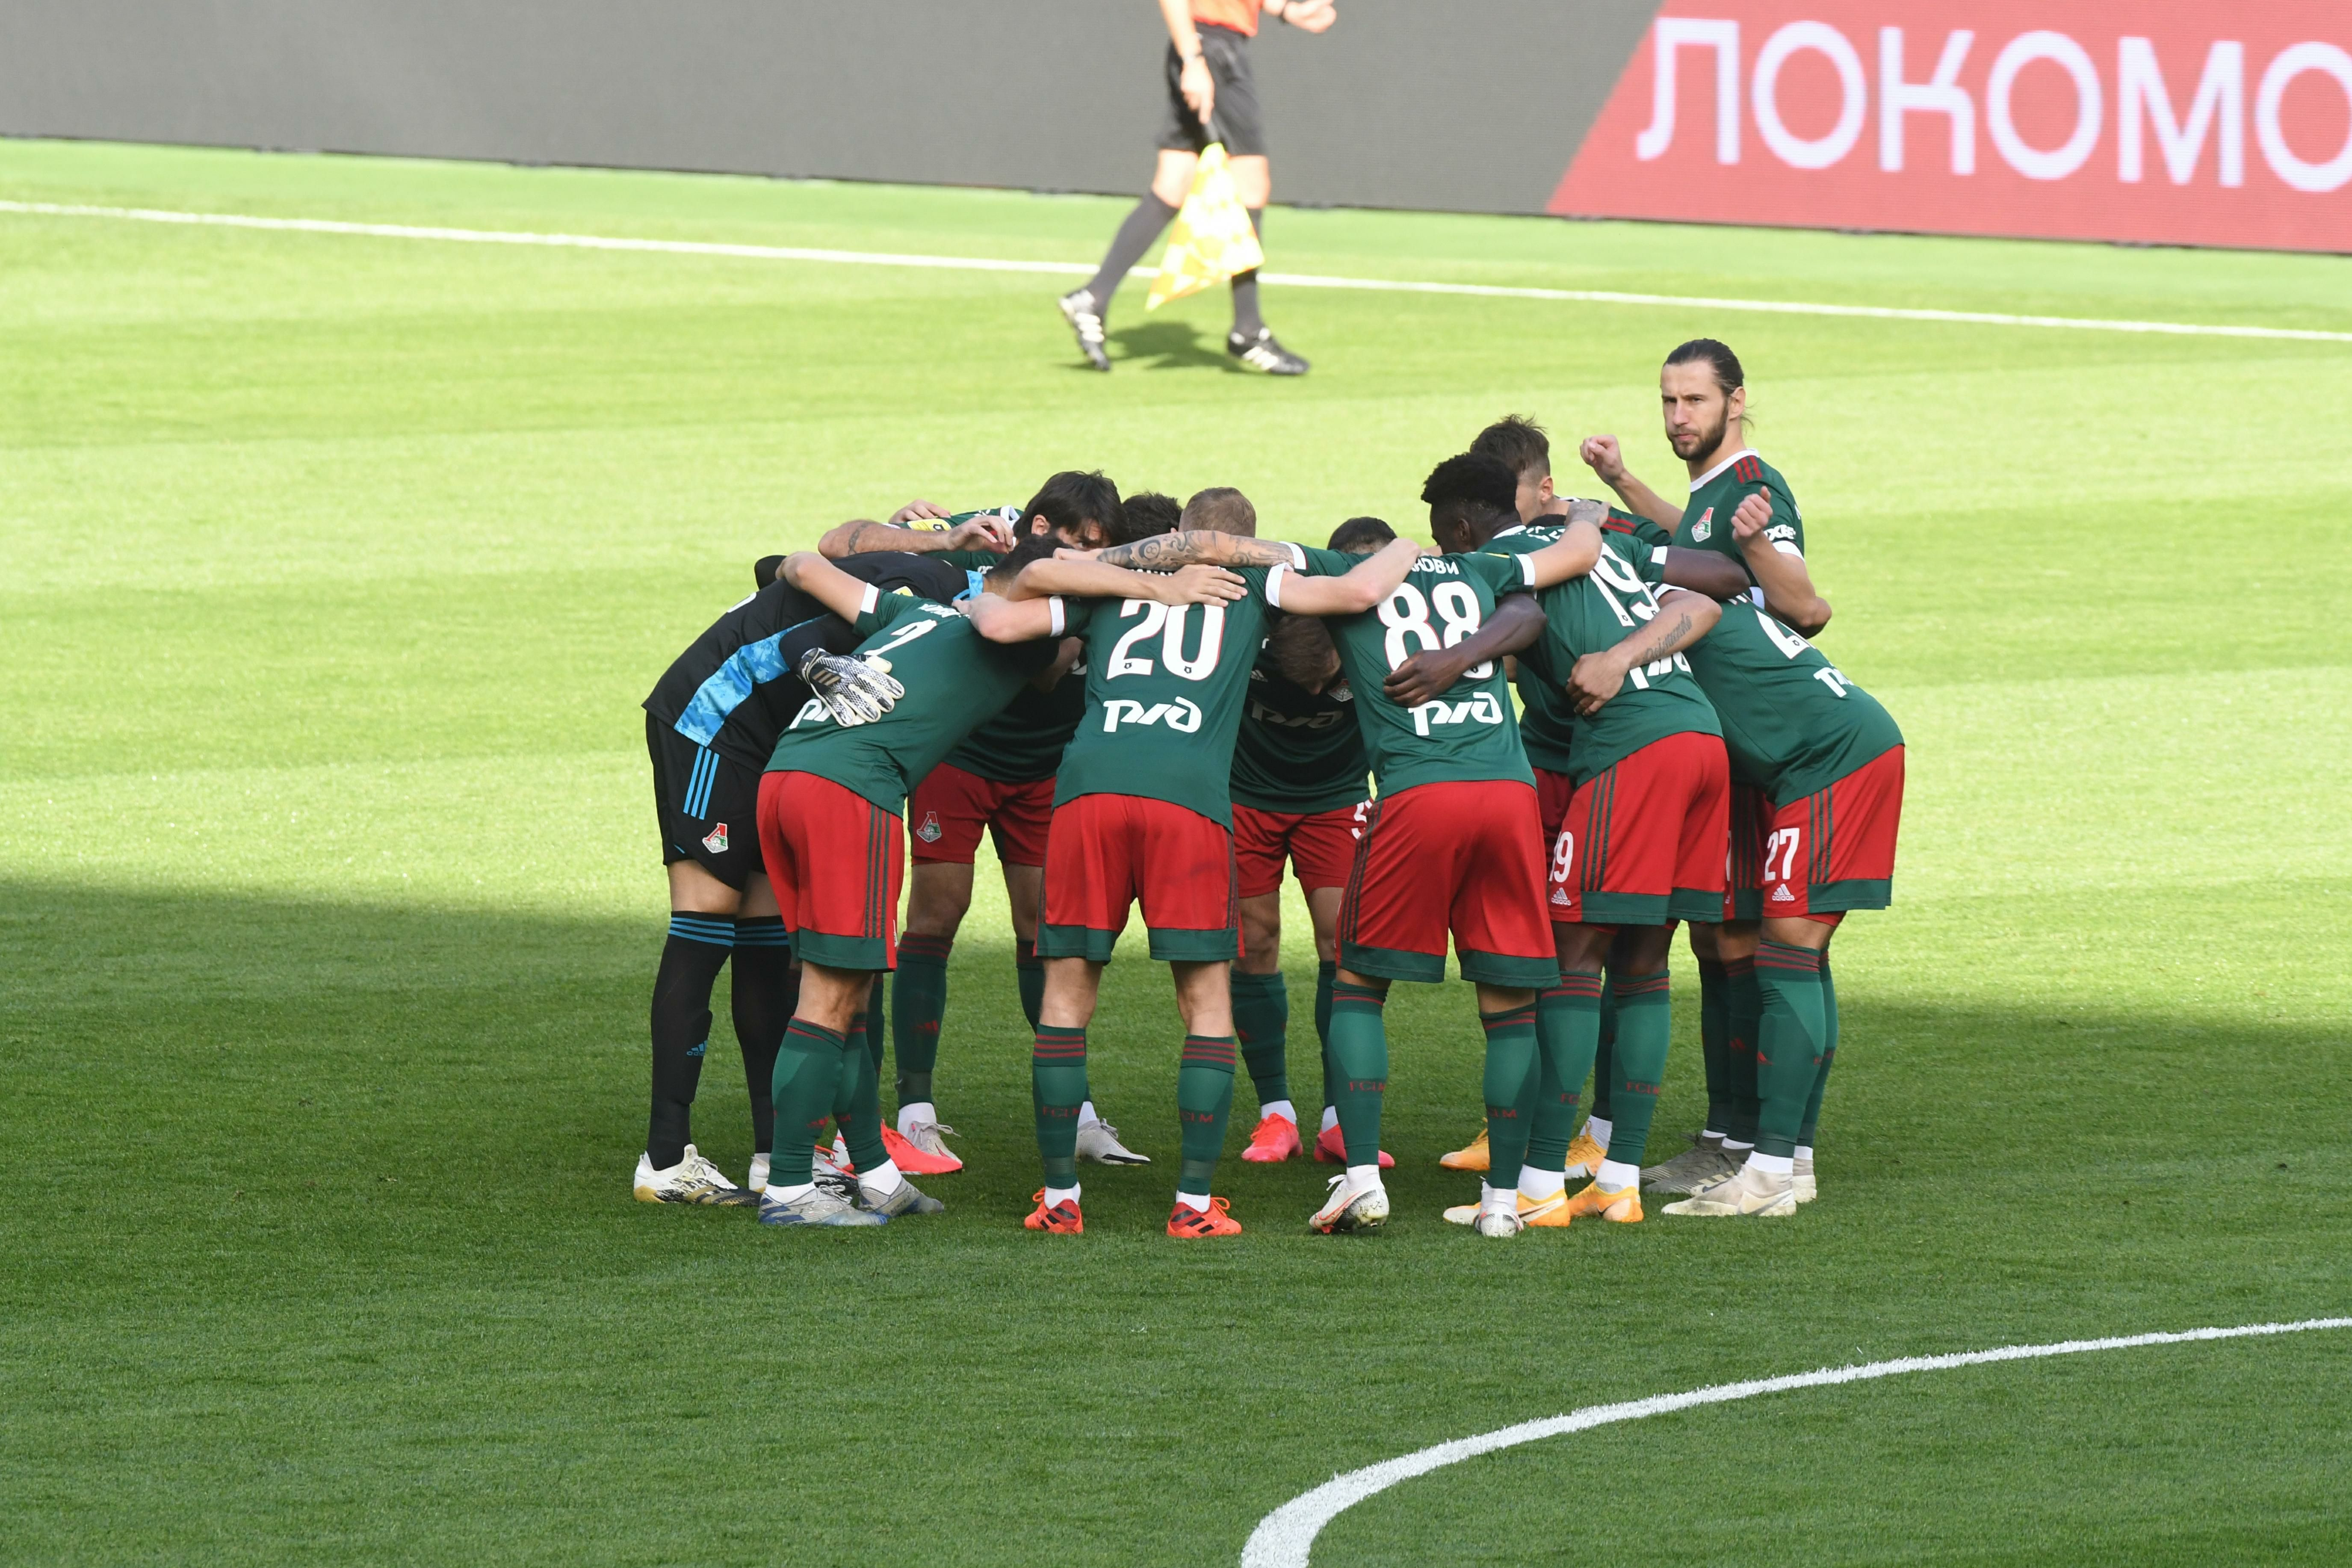 'Локомотив' и 'Тамбов' объявили составы на матч Кубка России